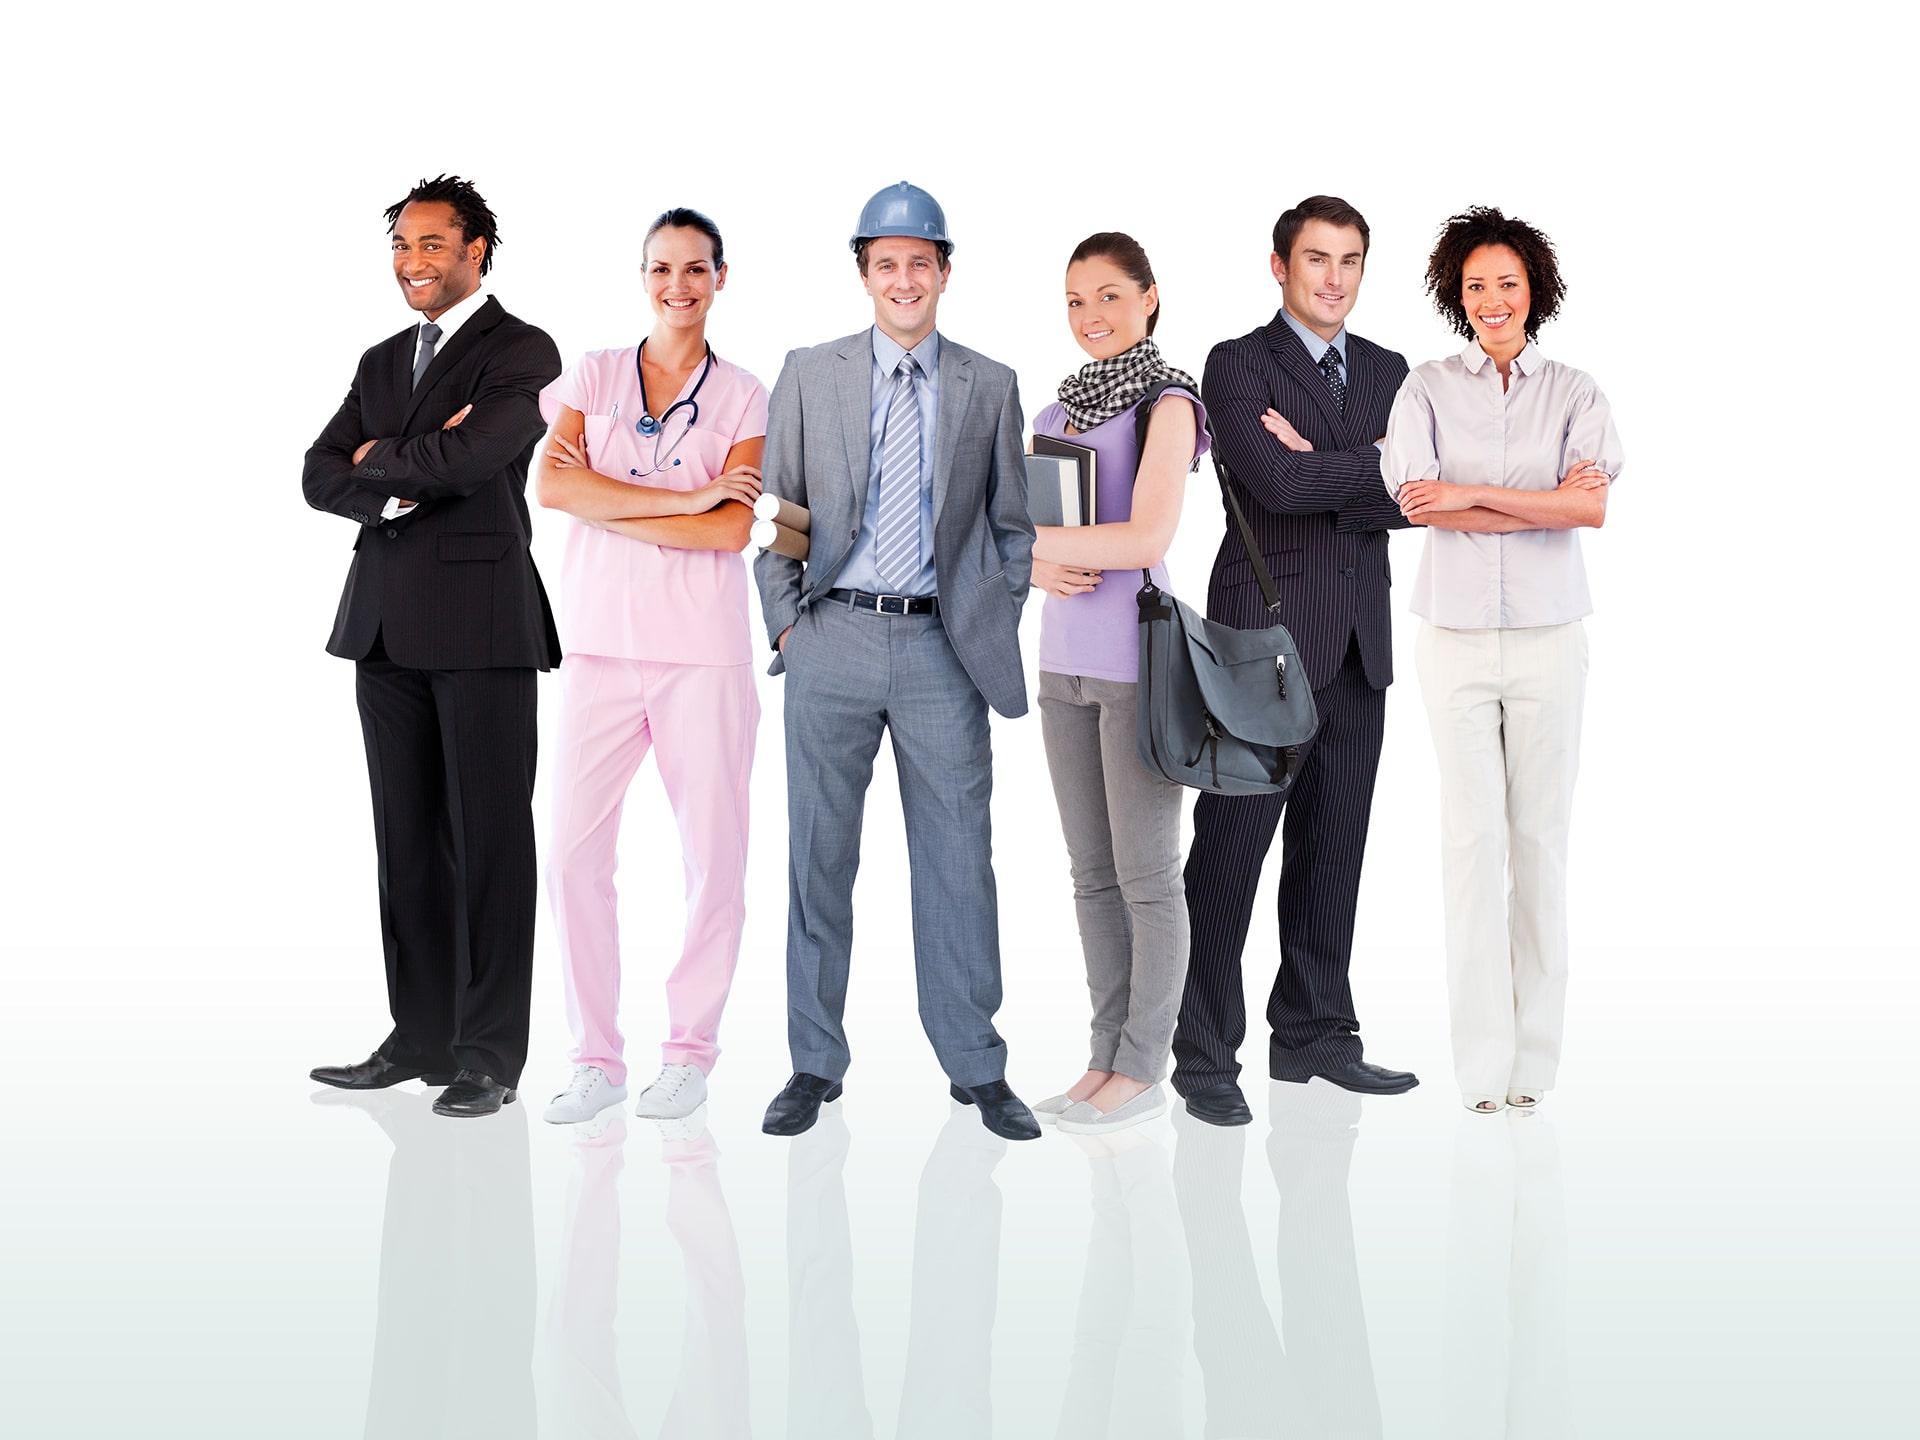 Πρόγραμμα Κατάρτισης και Πιστοποίησης Επιστημόνων – Ελεύθερων Επαγγελματιών